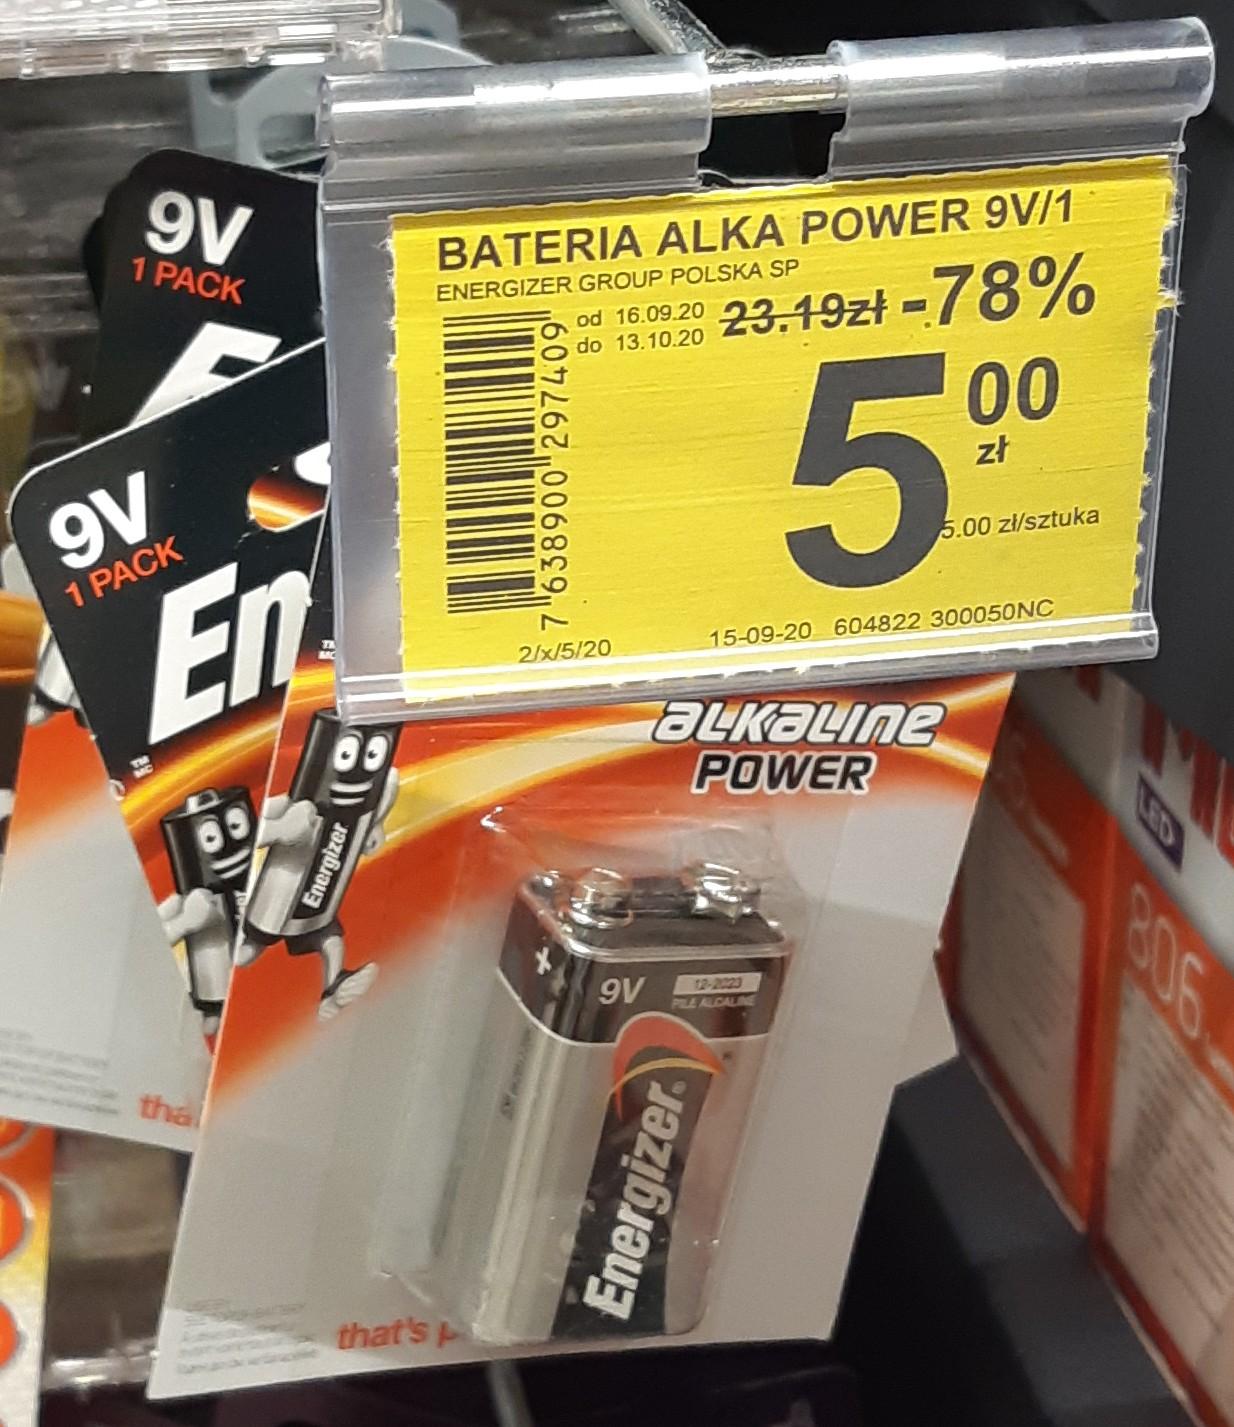 Bateria Energizer 9V @ Carrefour